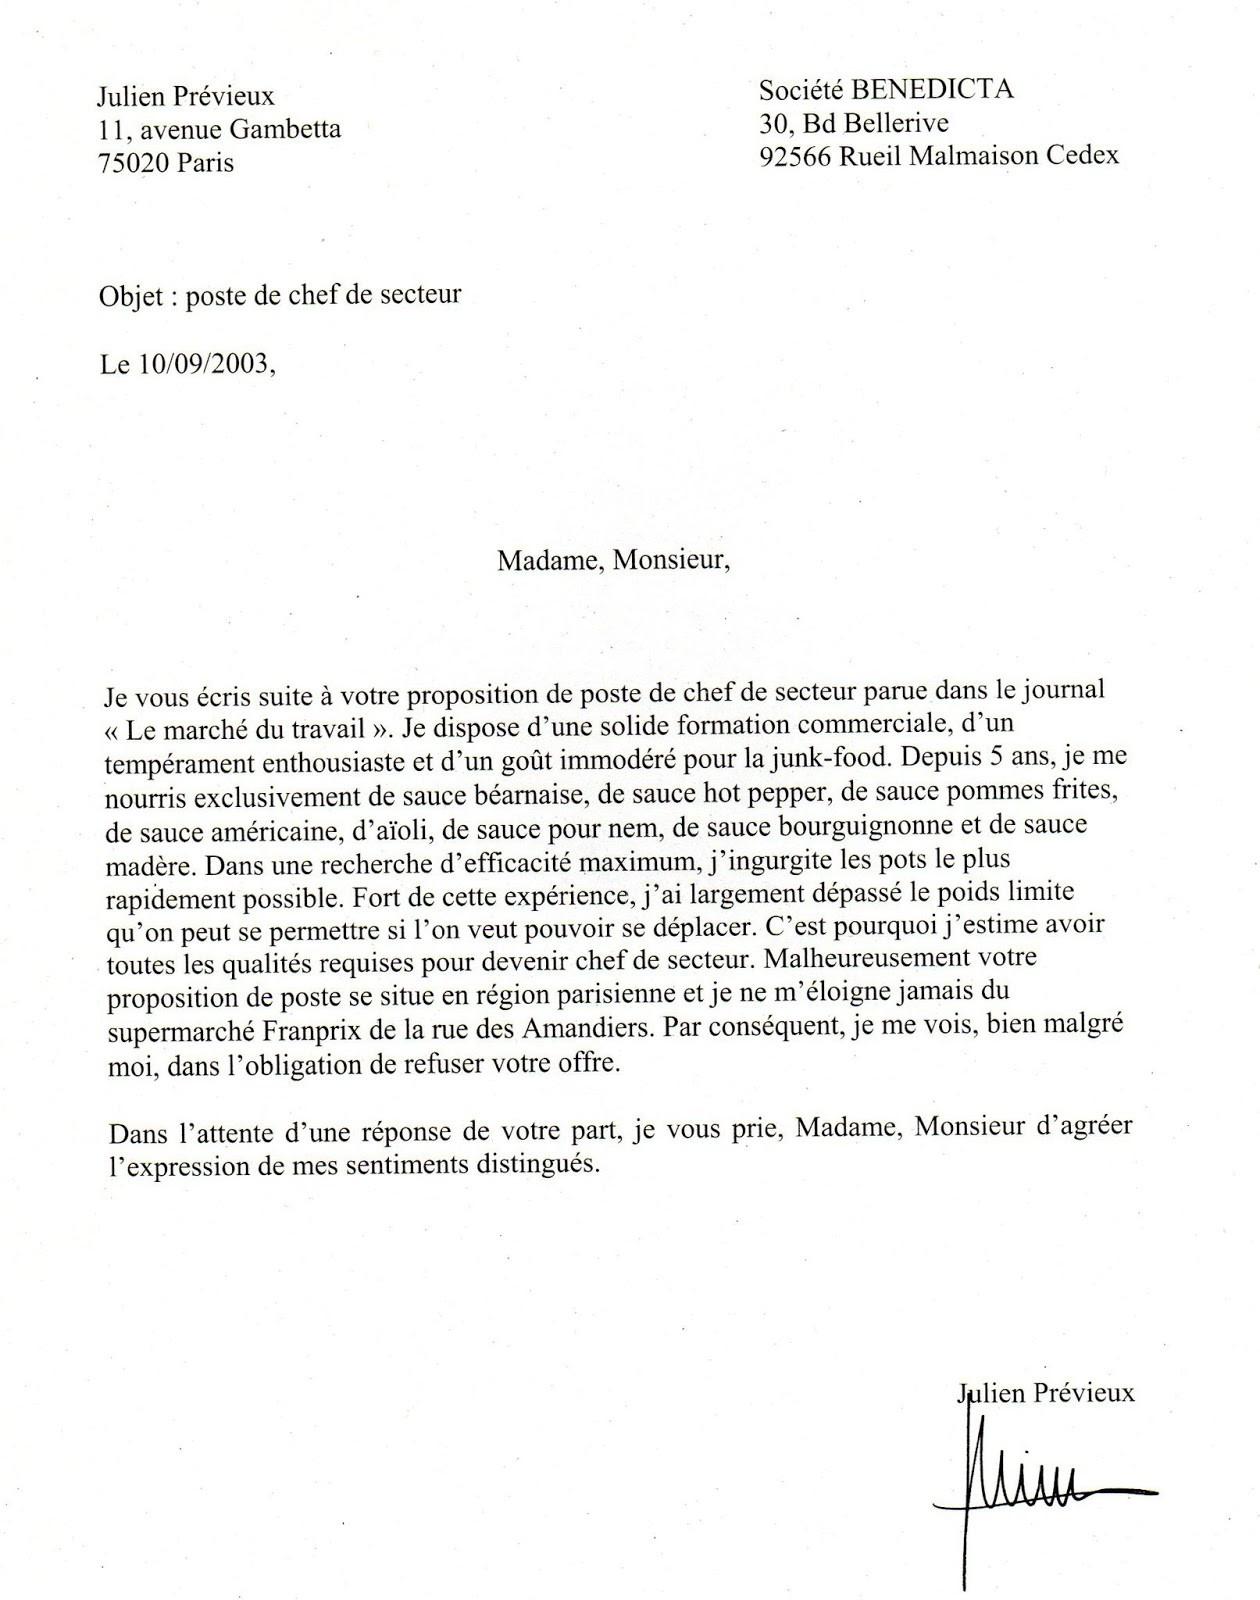 lettre de motivation insa g u00e9nie civil